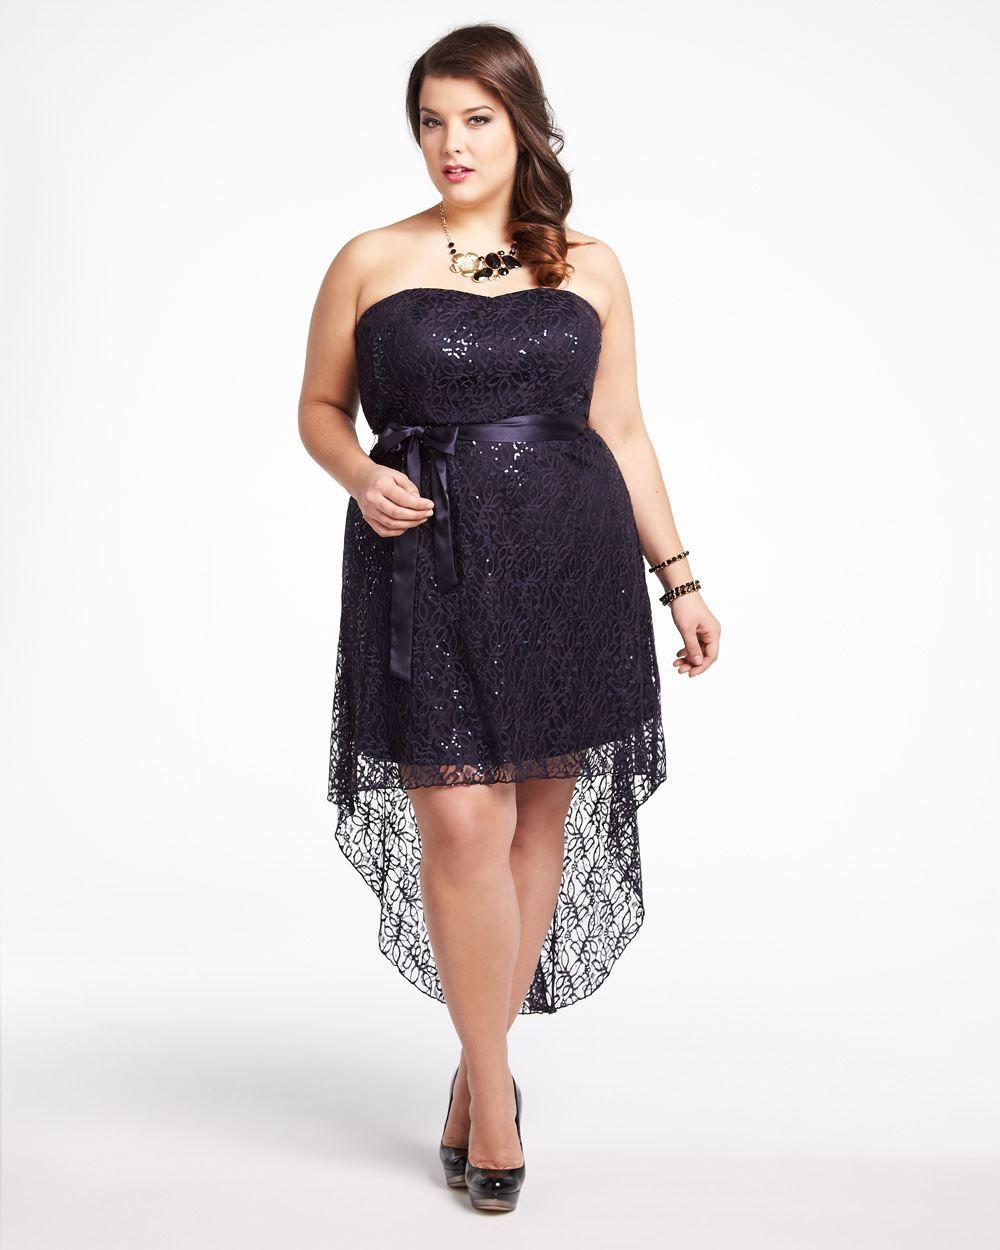 635334b6a2 molett alkalmi ruha esküvőre - Google keresés | Nőcis dolgok ...